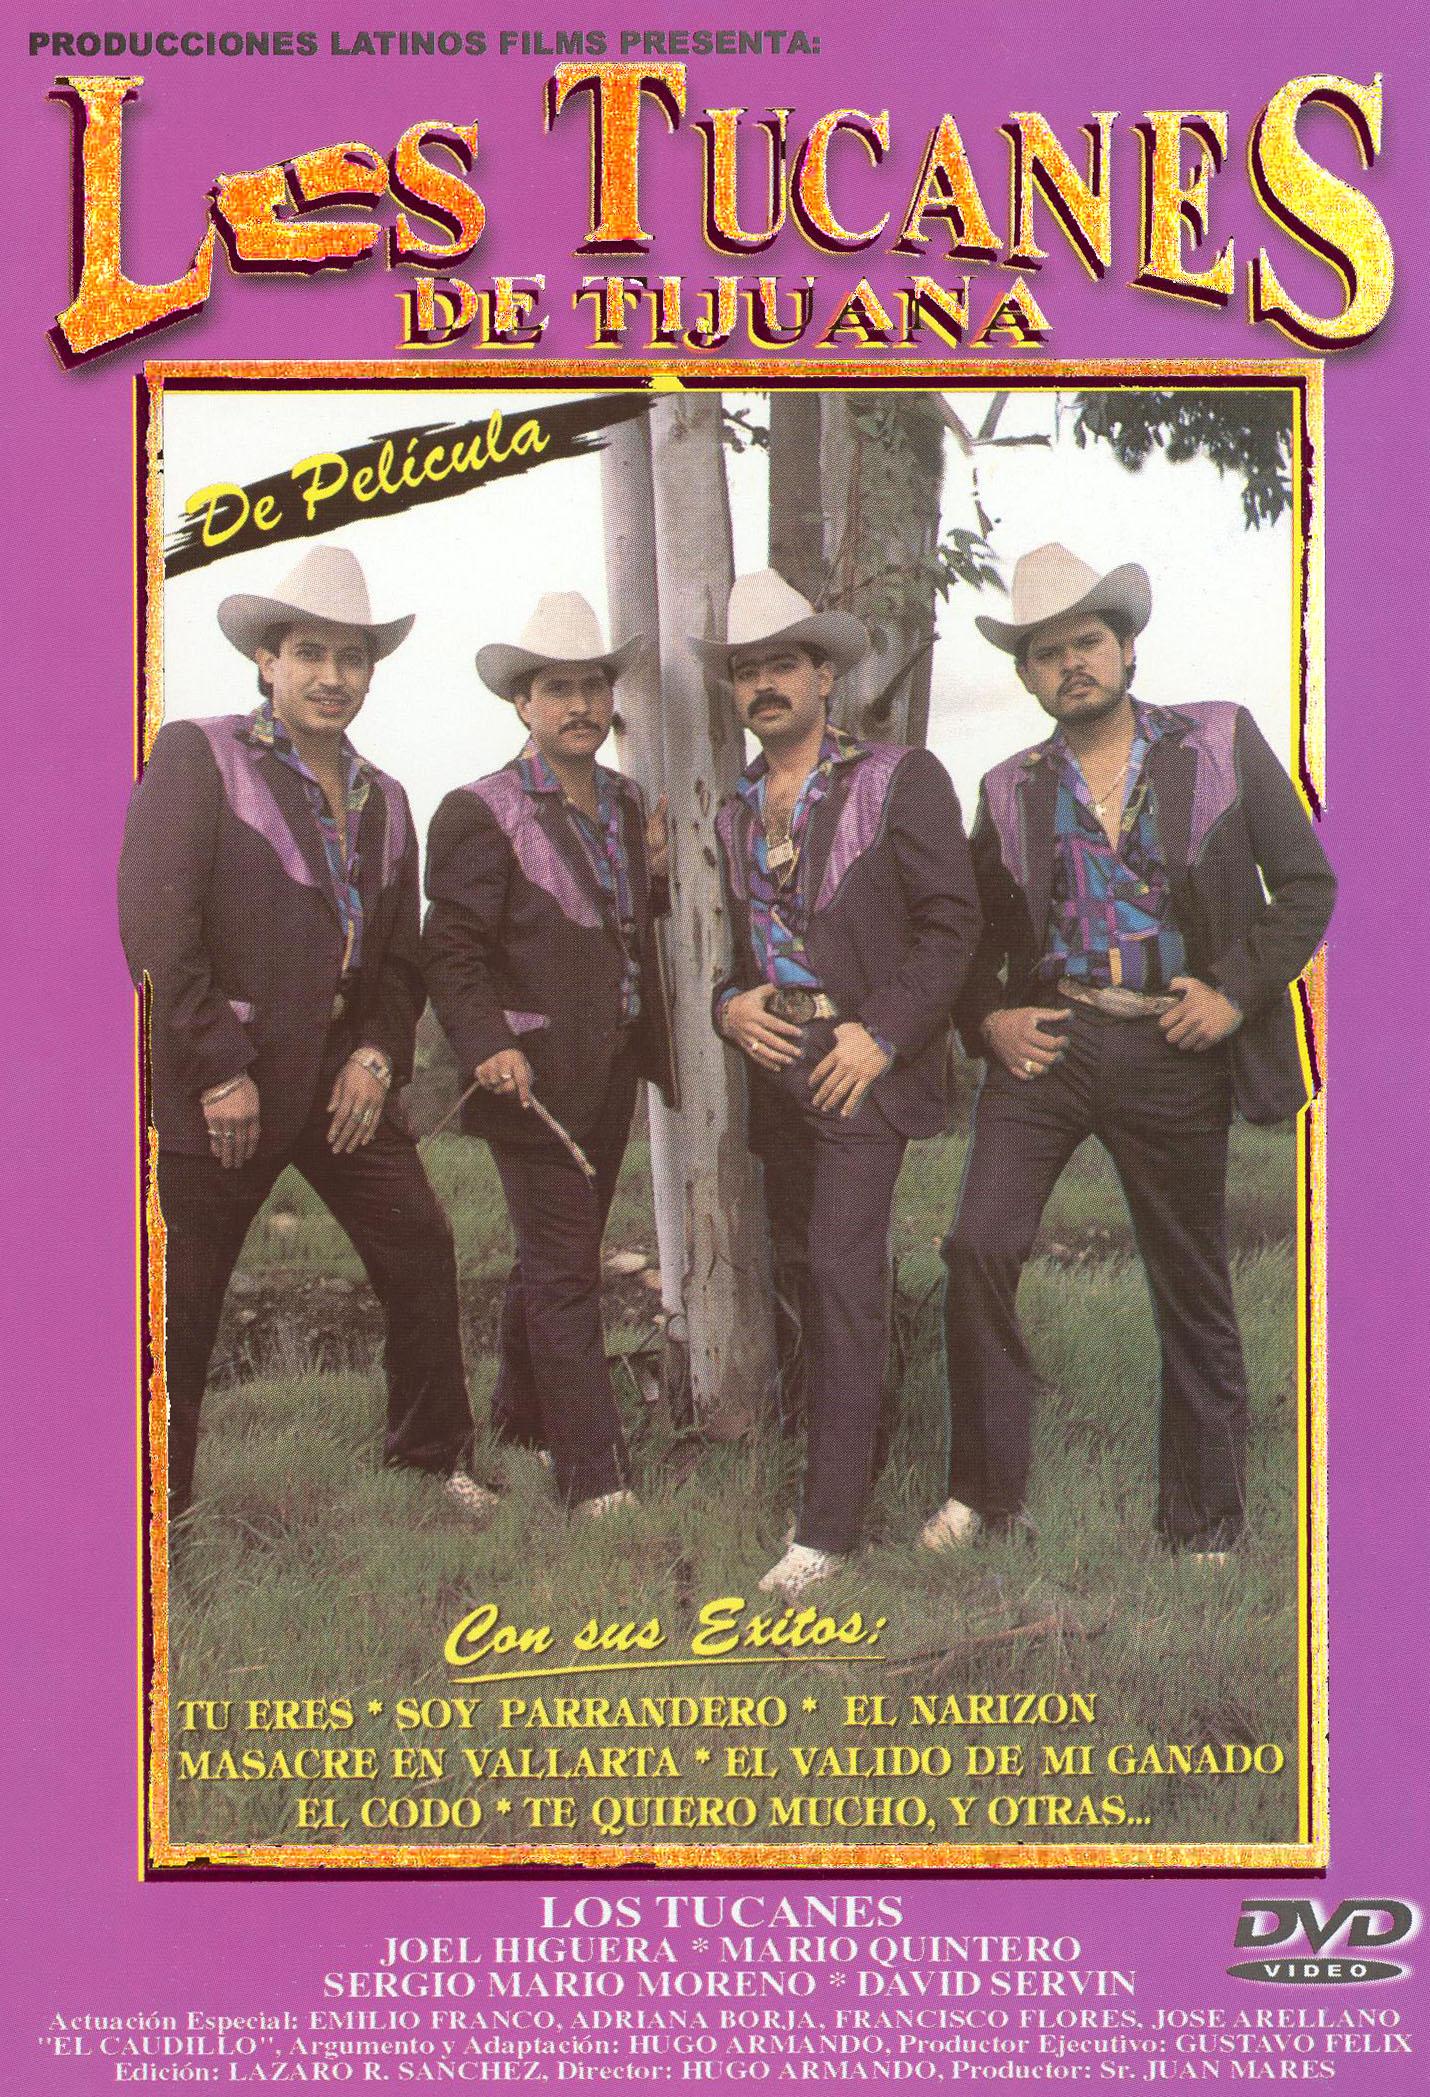 Los Tucanes de Tijuana: De Pelicula